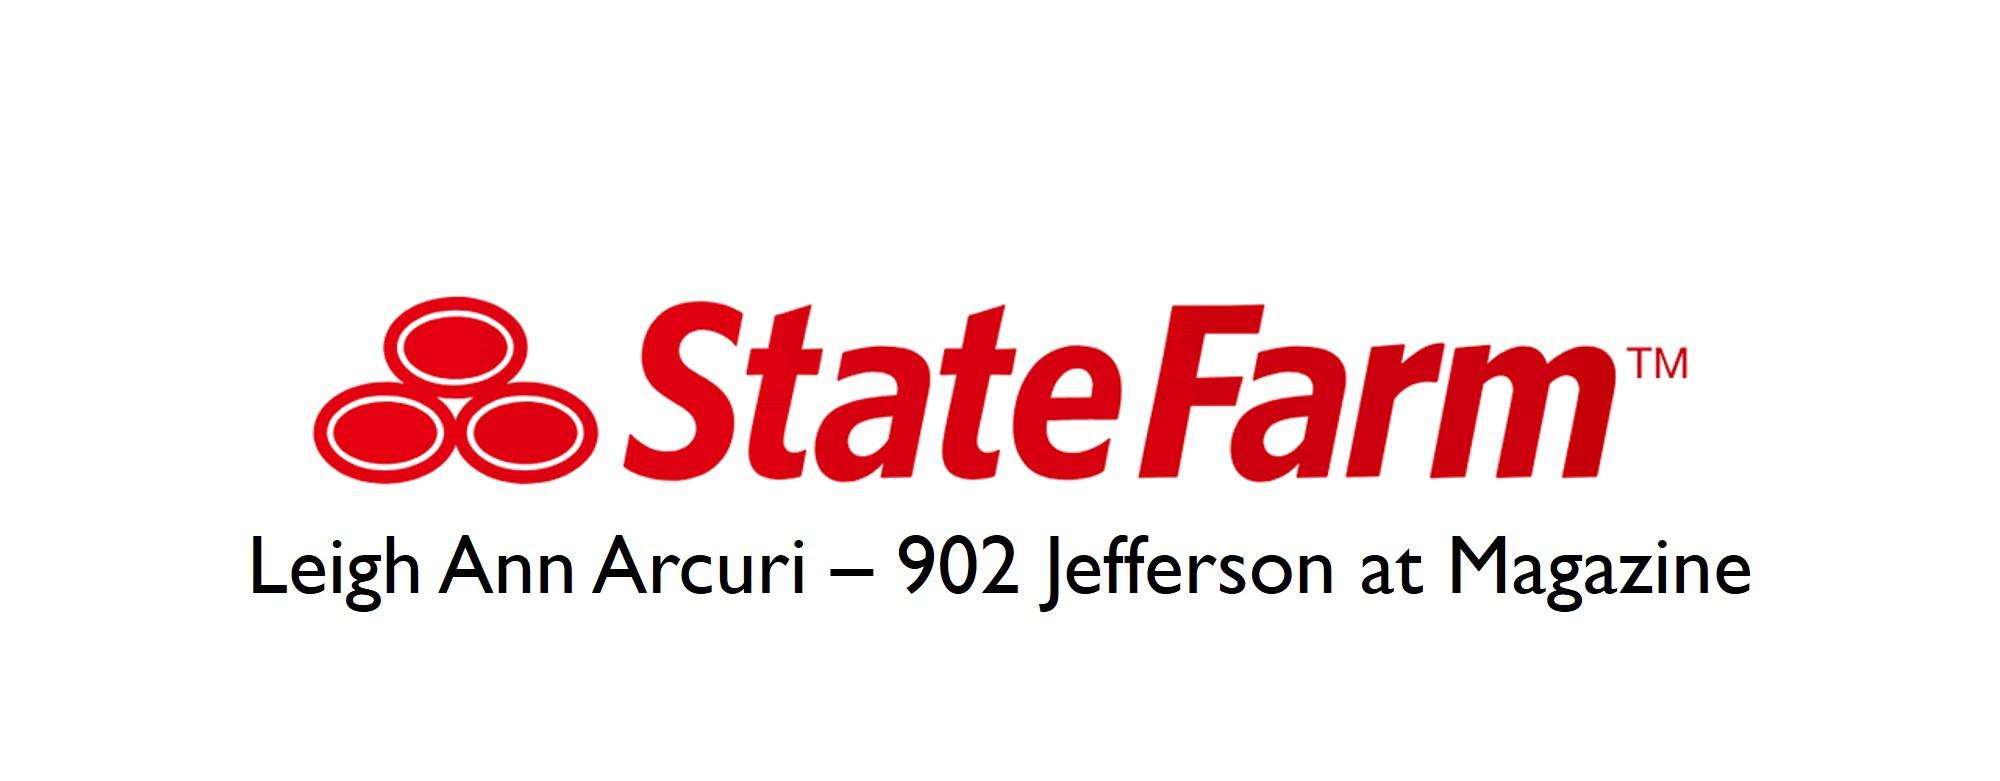 State Farm Leigh Ann Arcuri